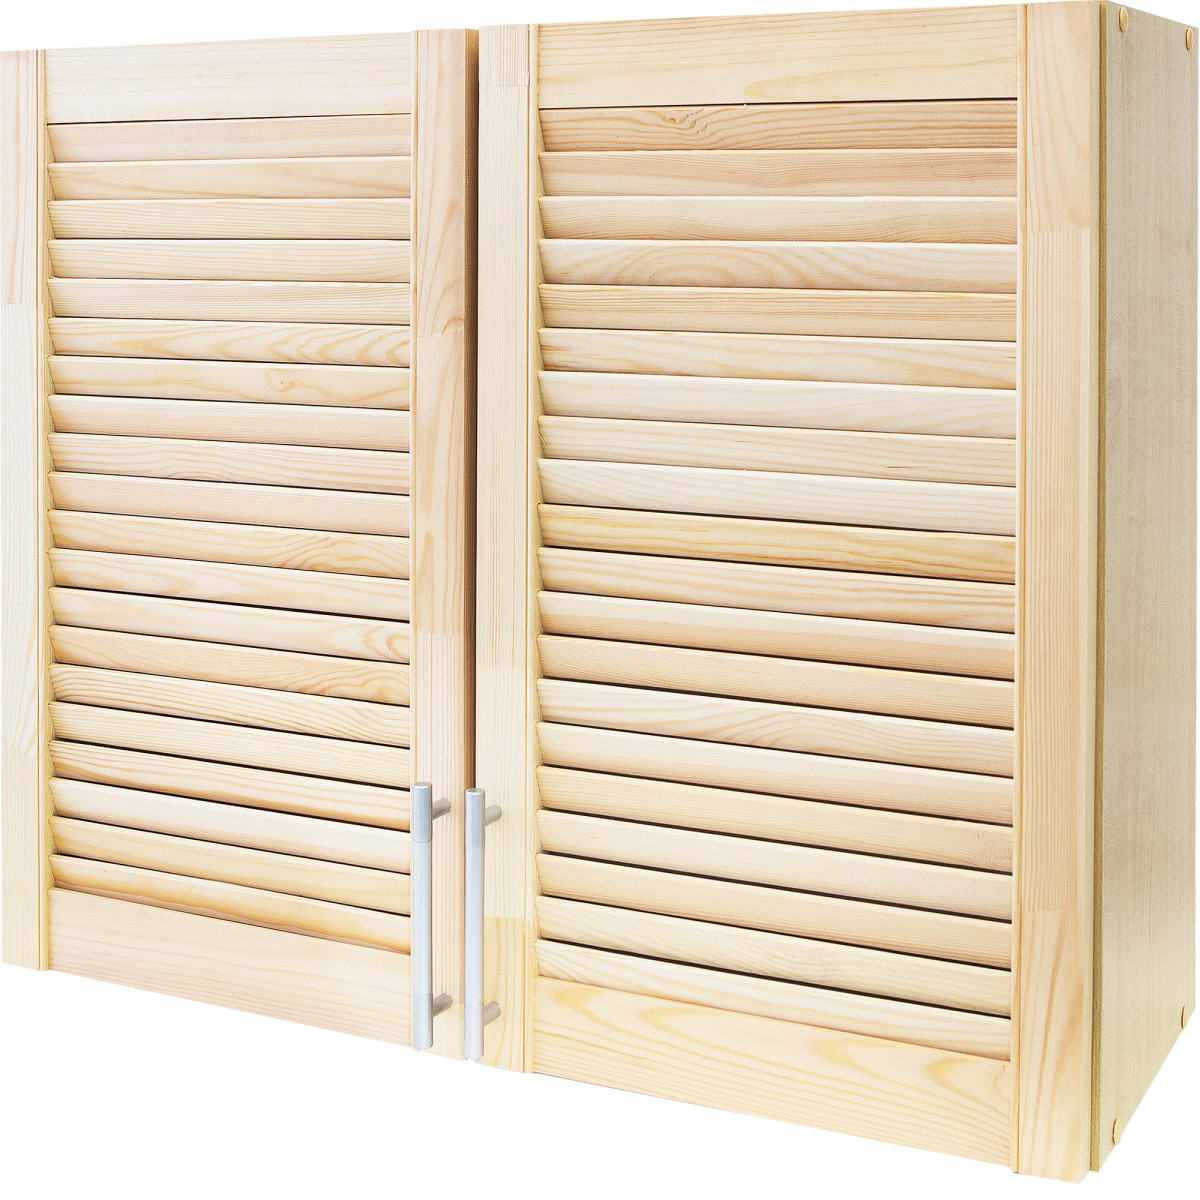 Шкаф навесной Сосна массив 80x68x29 см ЛДСП